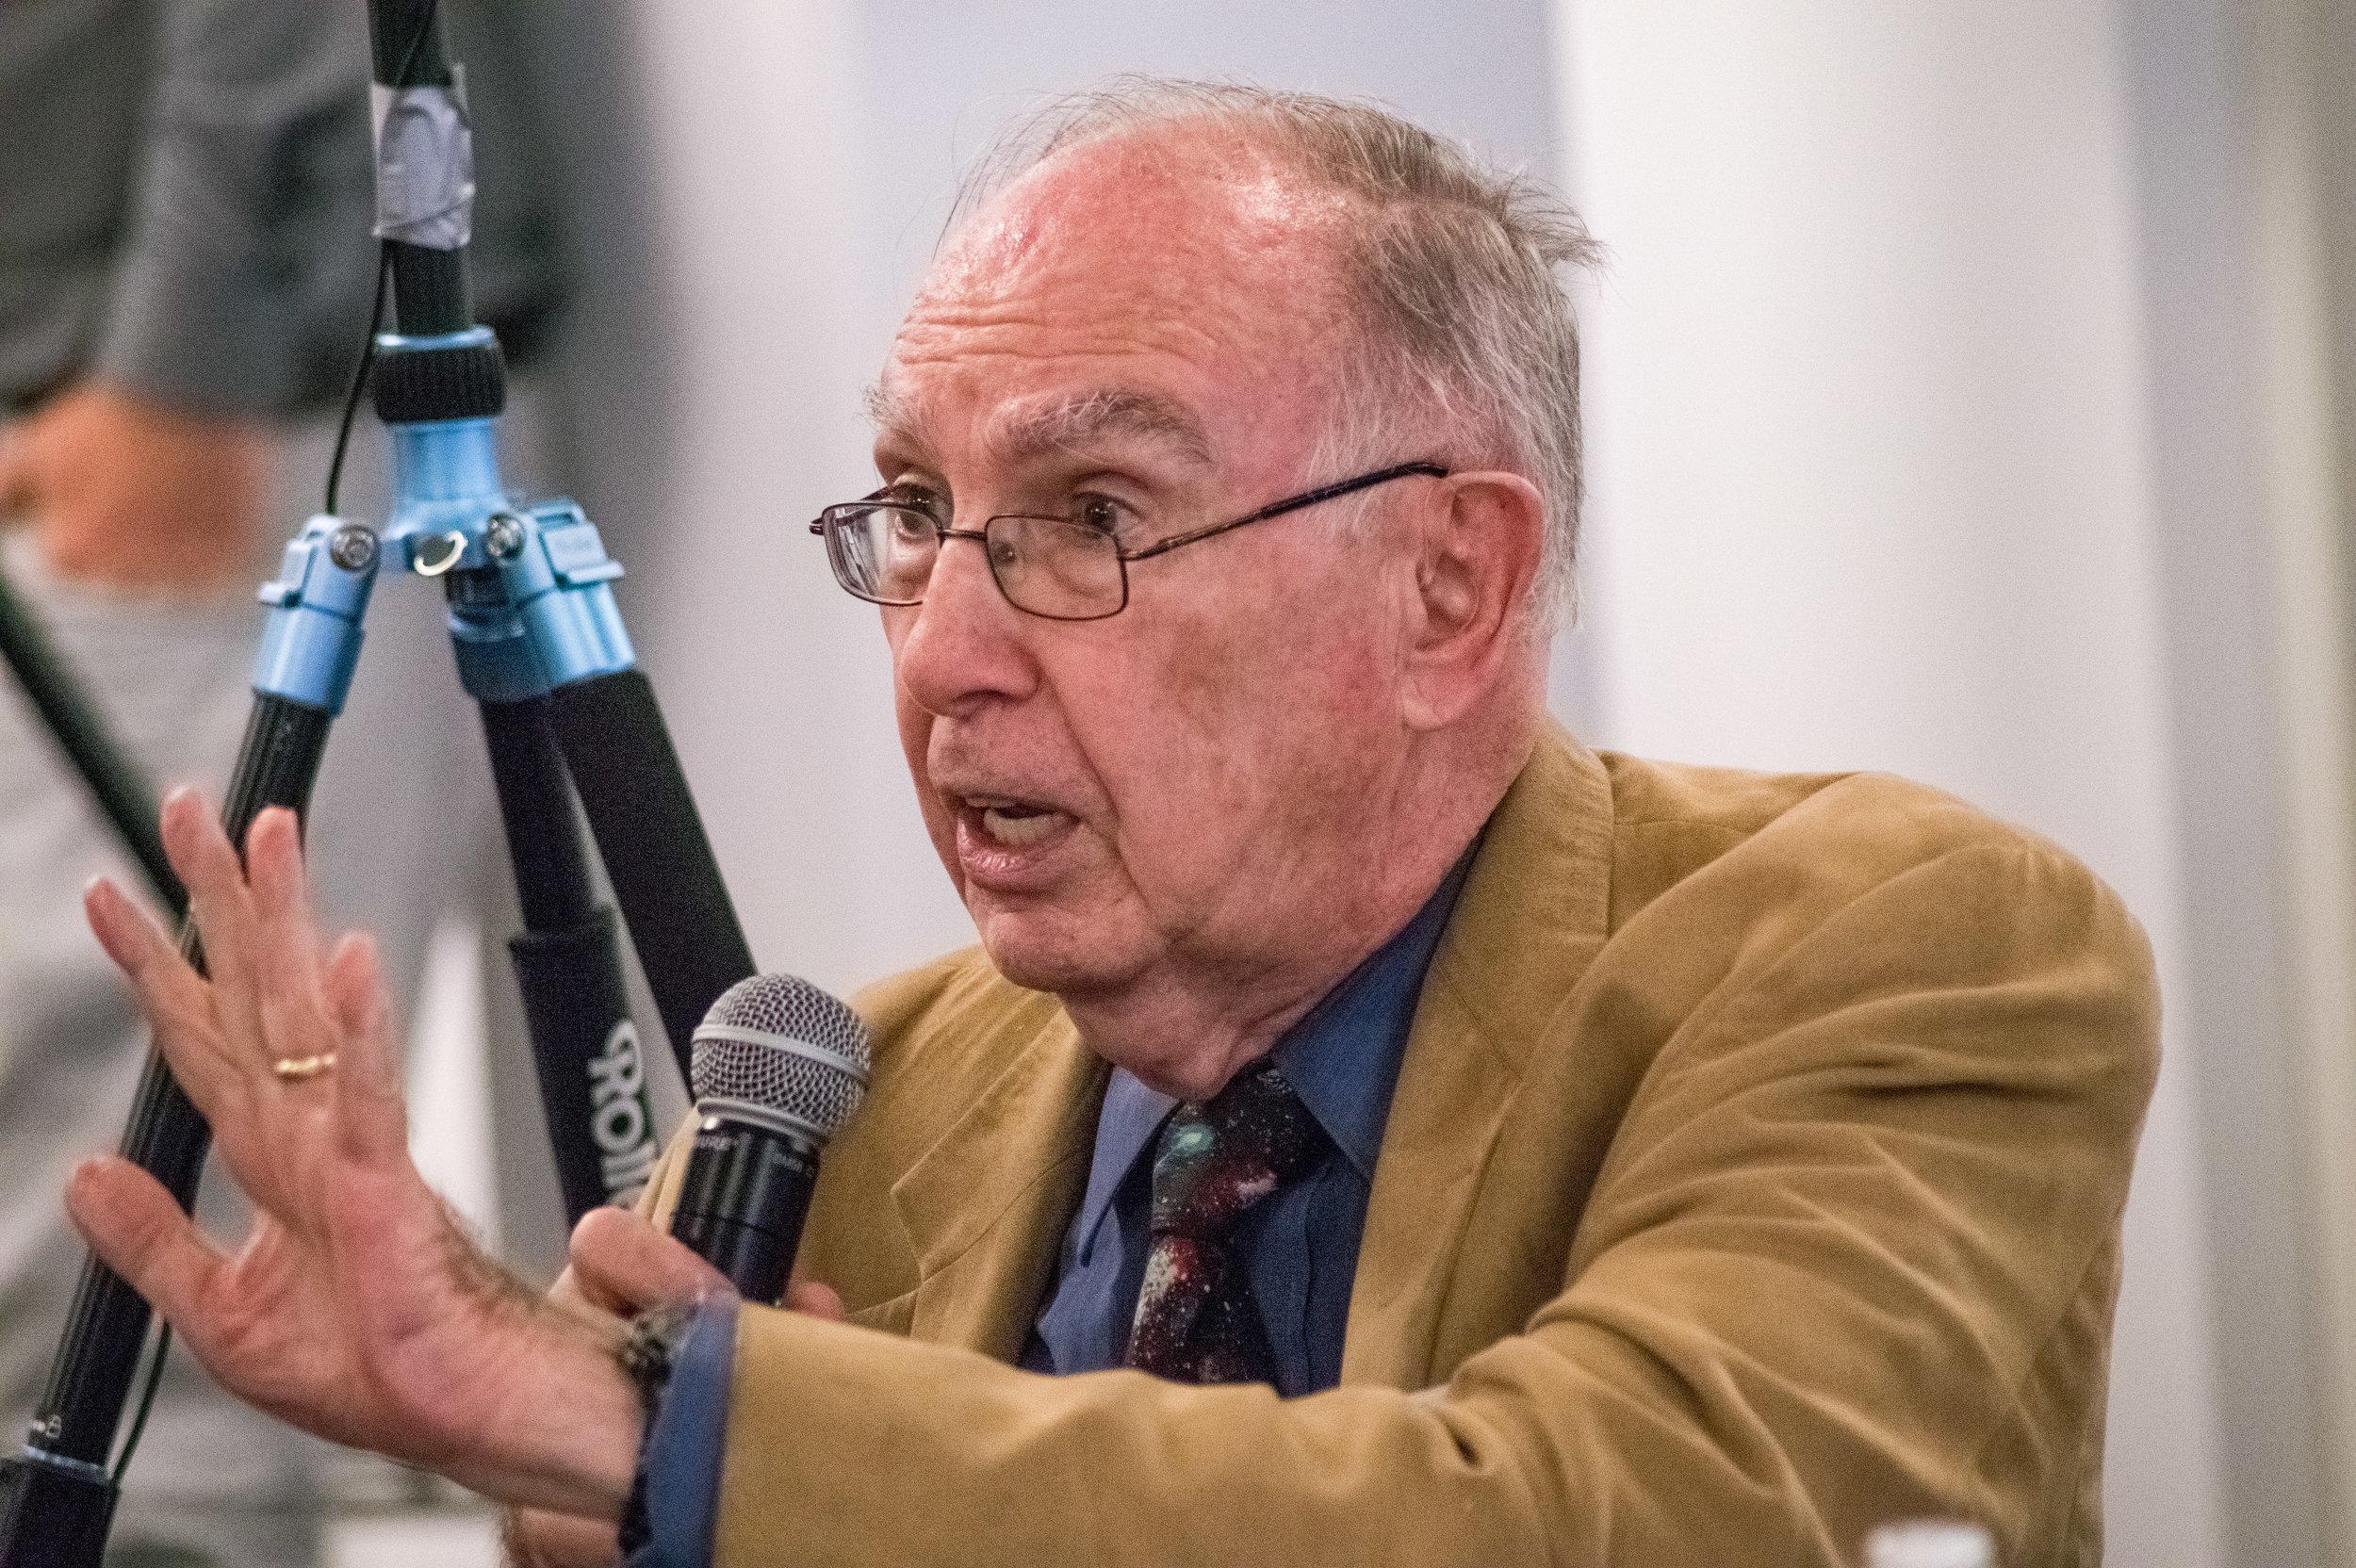 Professor Leonard Swidler